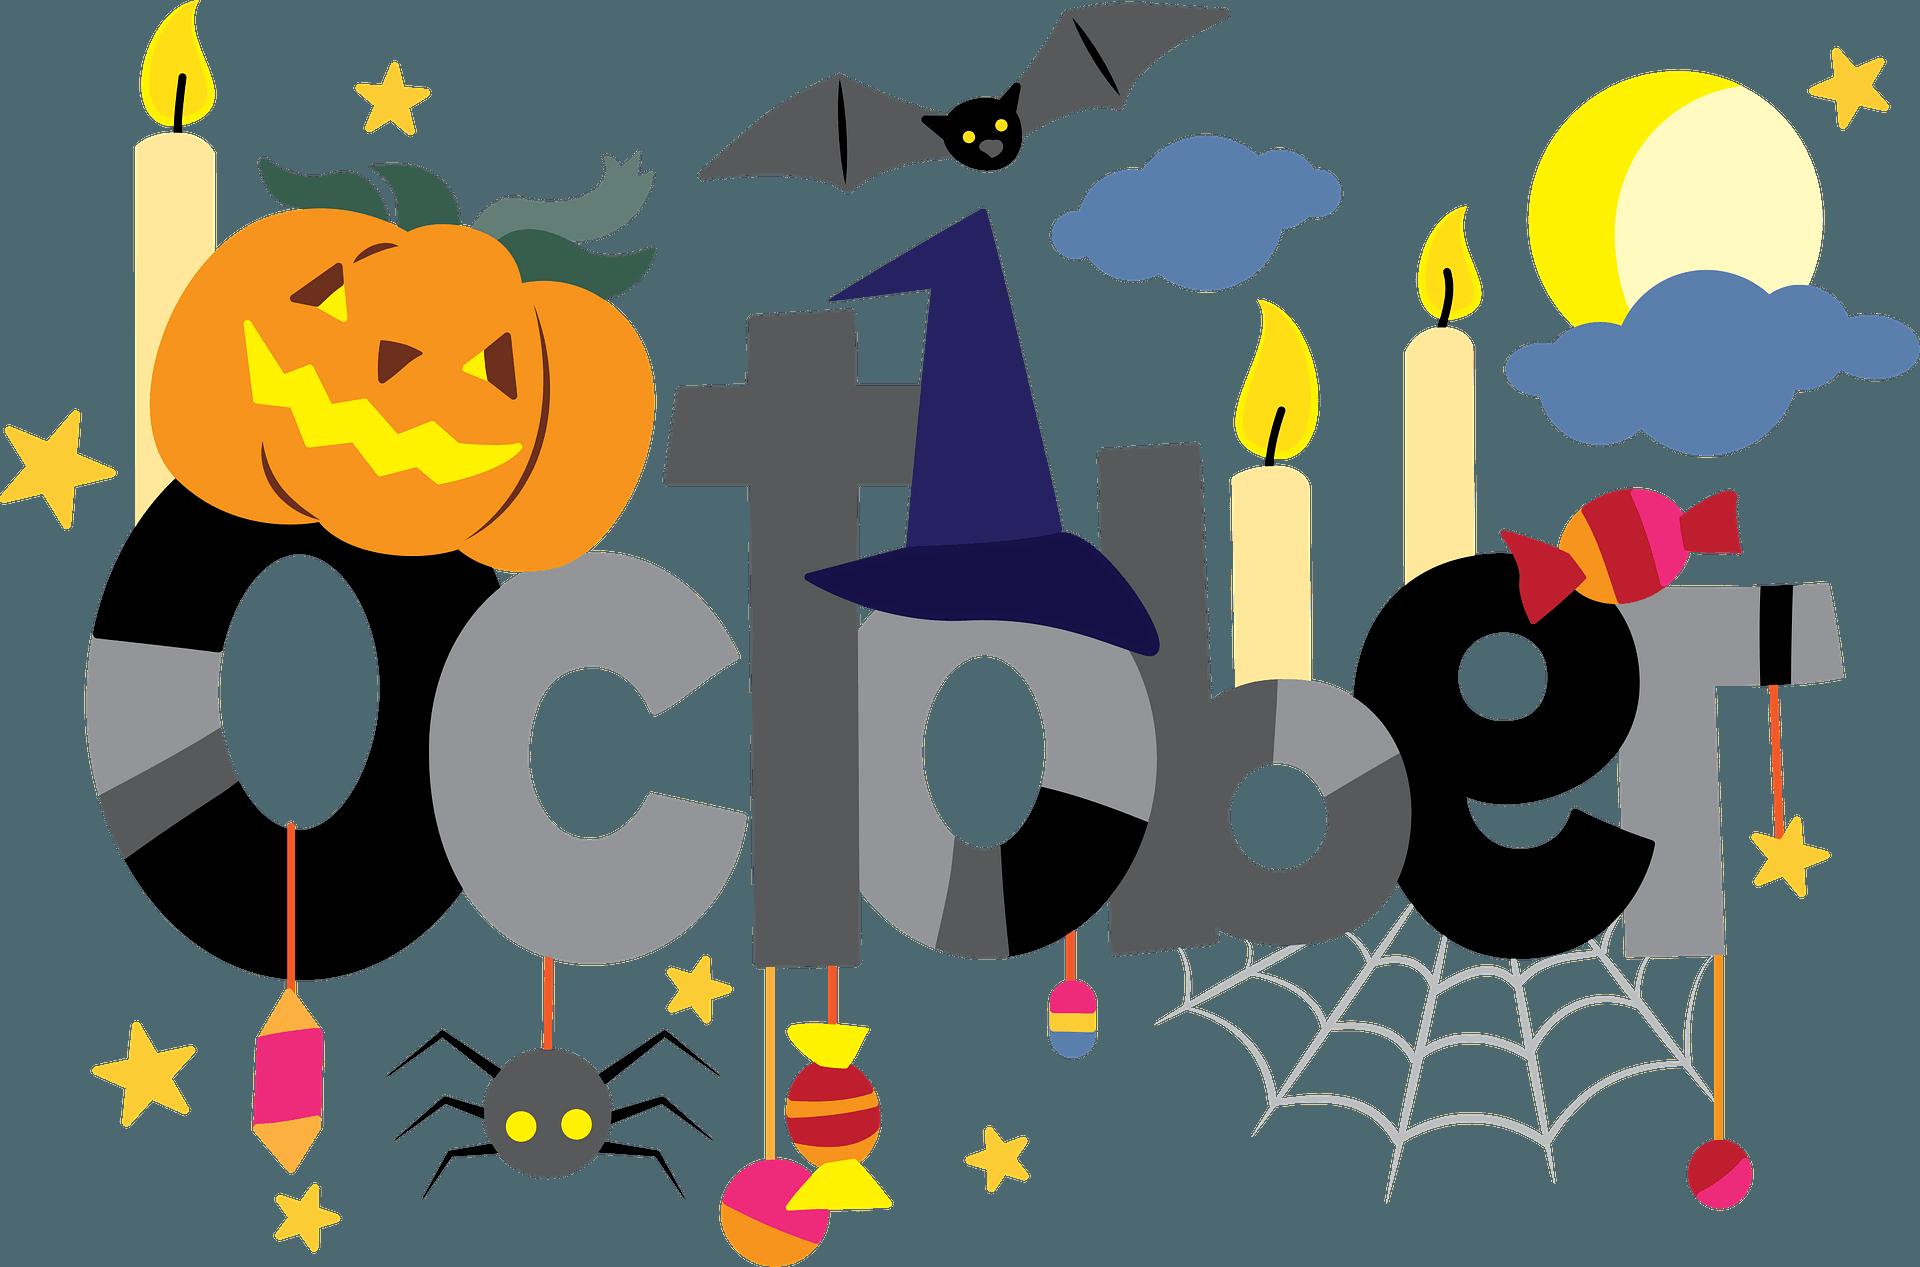 October clipart. Free download transparent .PNG   Creazilla